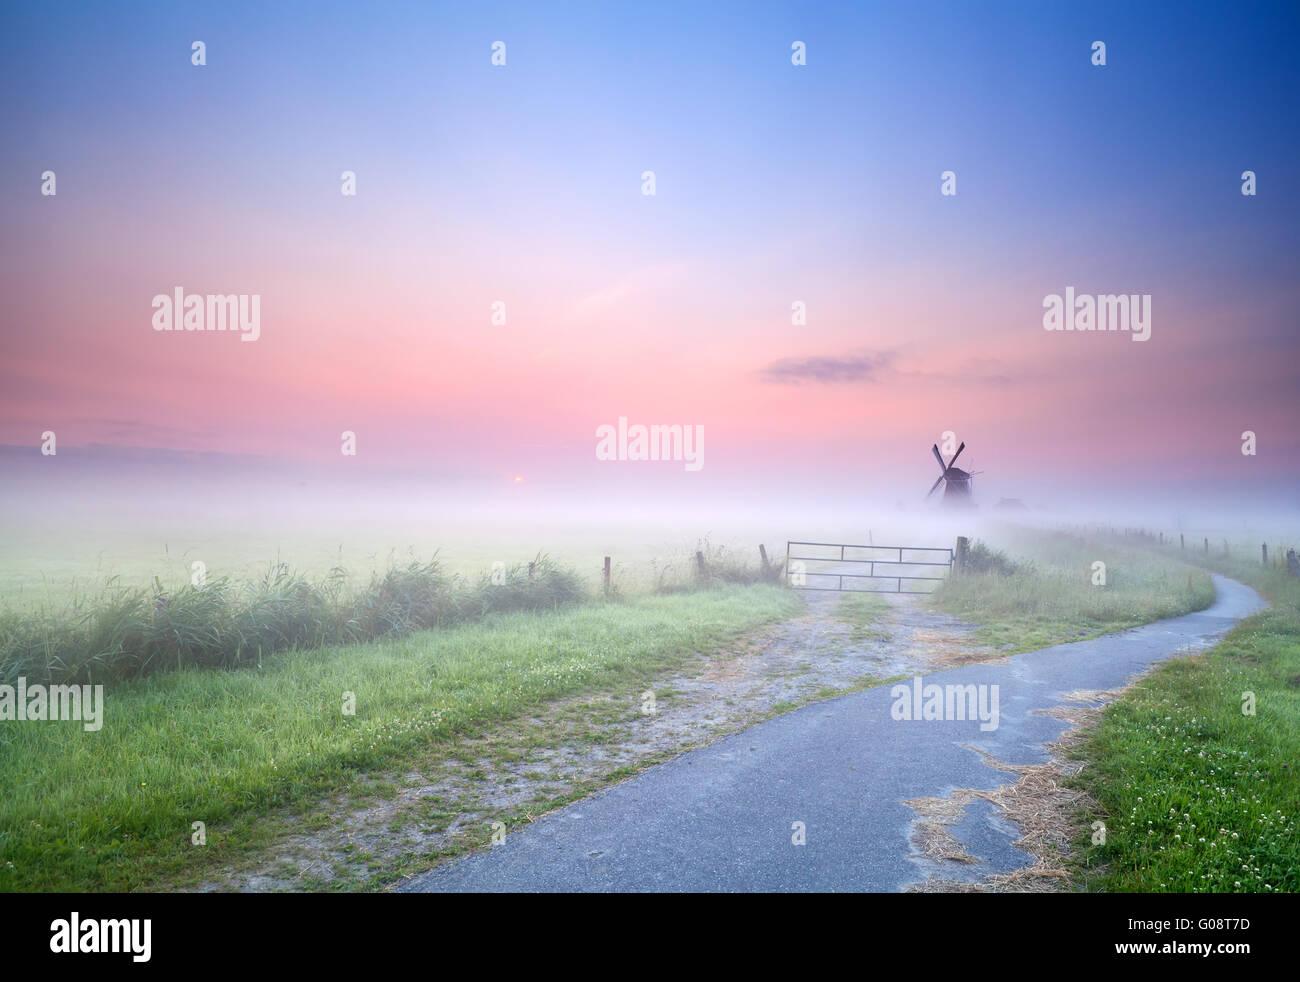 Forma de molino de viento en la niebla matutina Imagen De Stock